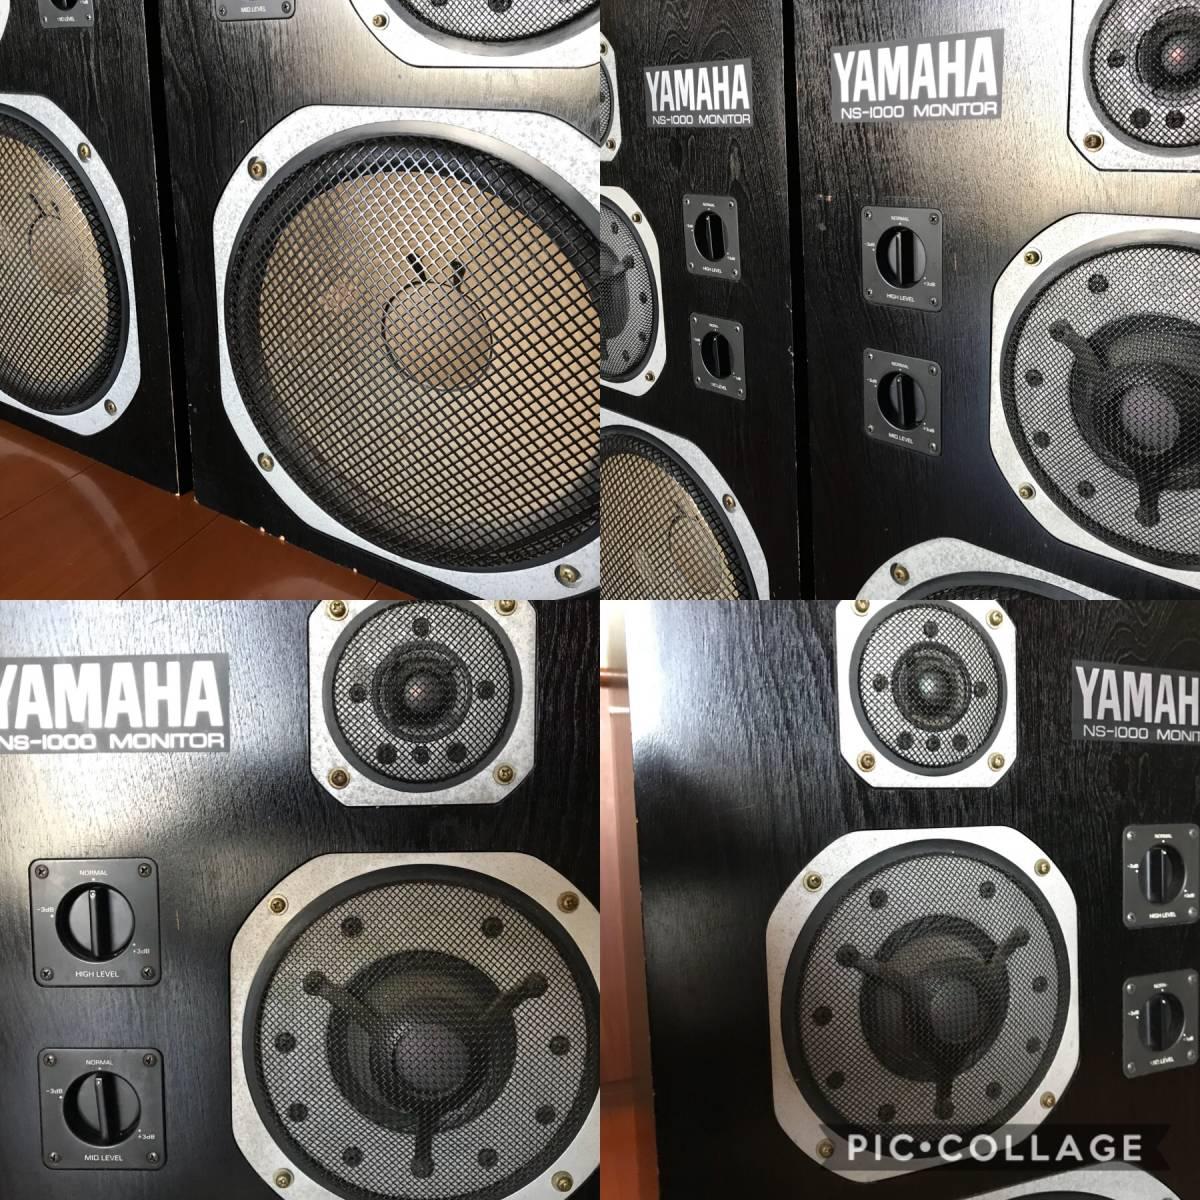 引き取り限定YAMAHA ヤマハNS-1000M スピーカー シリアル同番_画像9